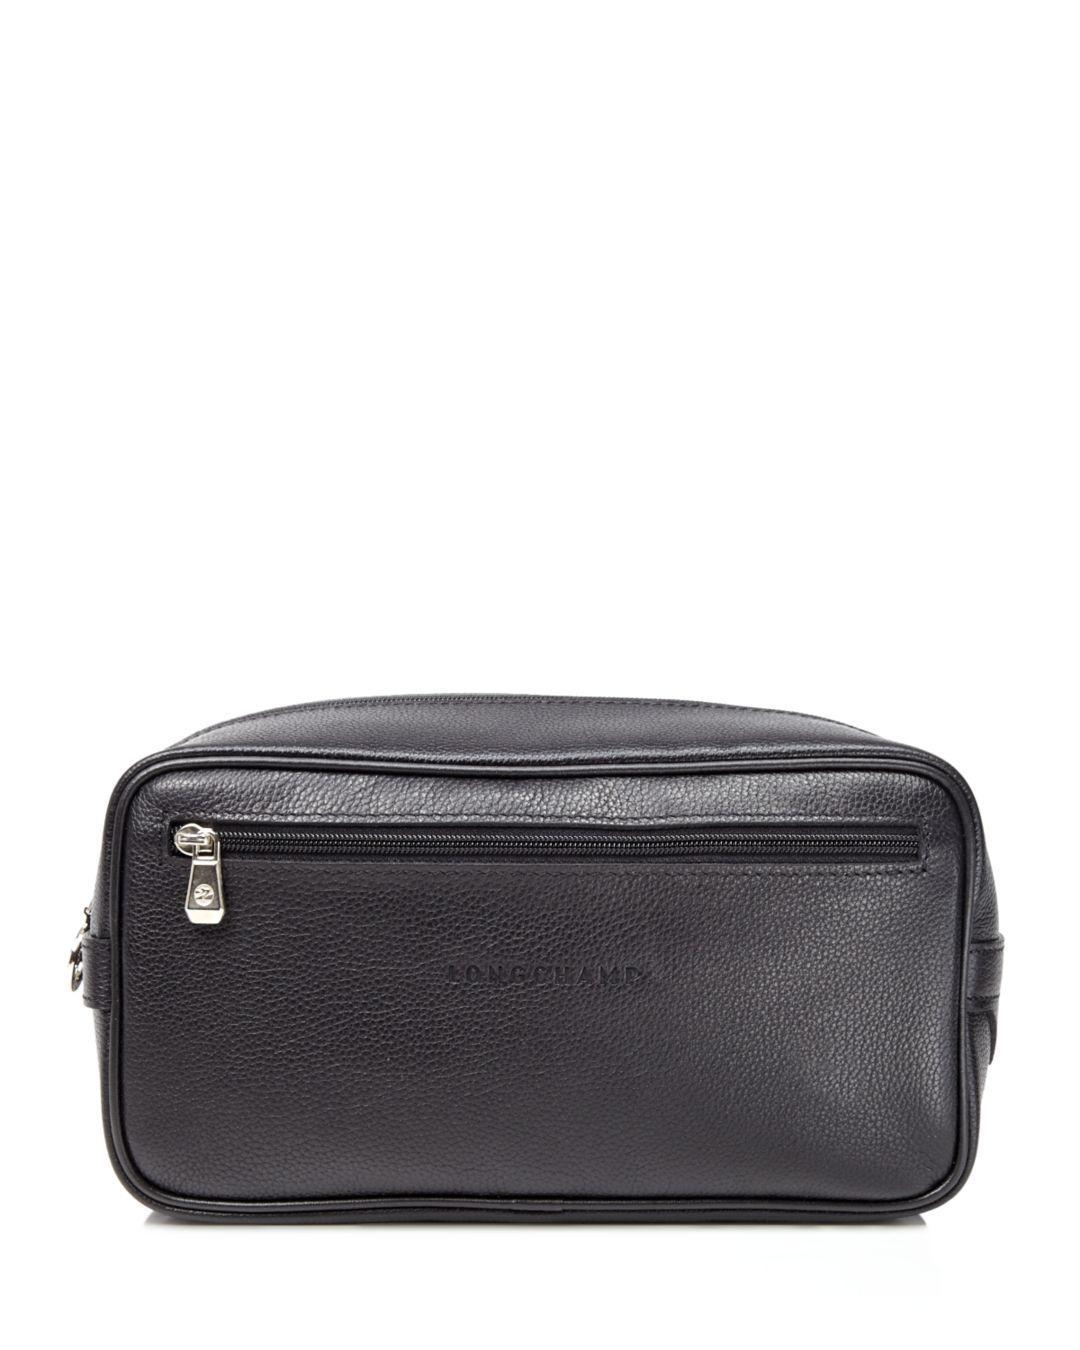 3ce6798eca763 Lyst - Longchamp Le Foulonné Toiletry Kit in Black for Men